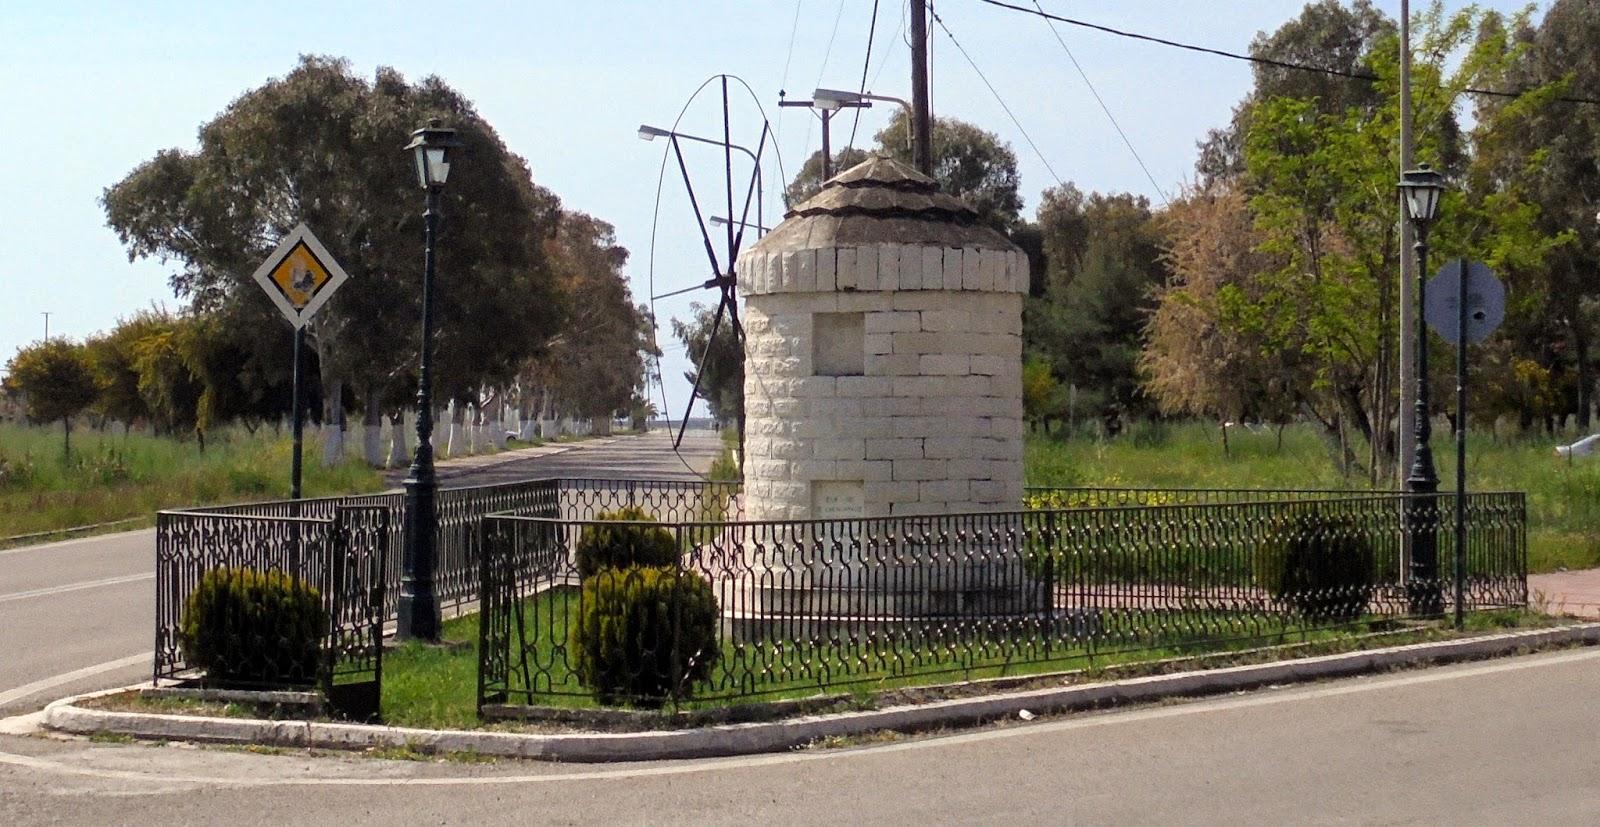 ο ανεμόμυλο αναπαράσταση του Ιωσήφ Ρωγών στο Μεσολόγγι